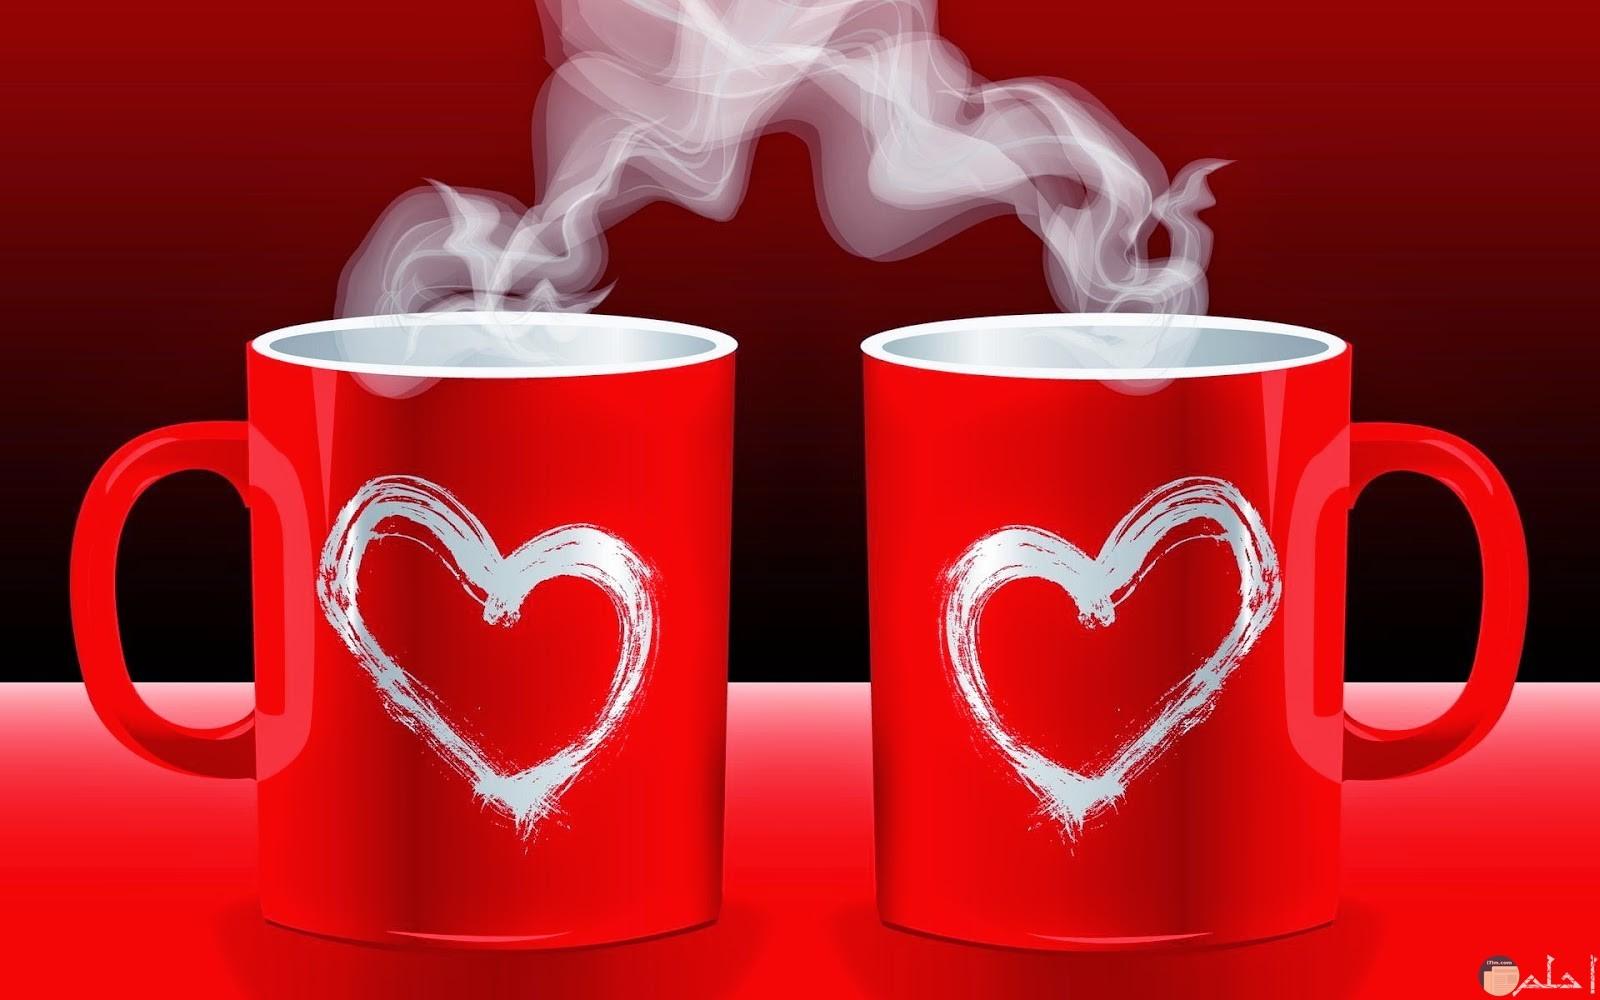 كوبان باللون الأحمر و مرسوم عليهما قلب.